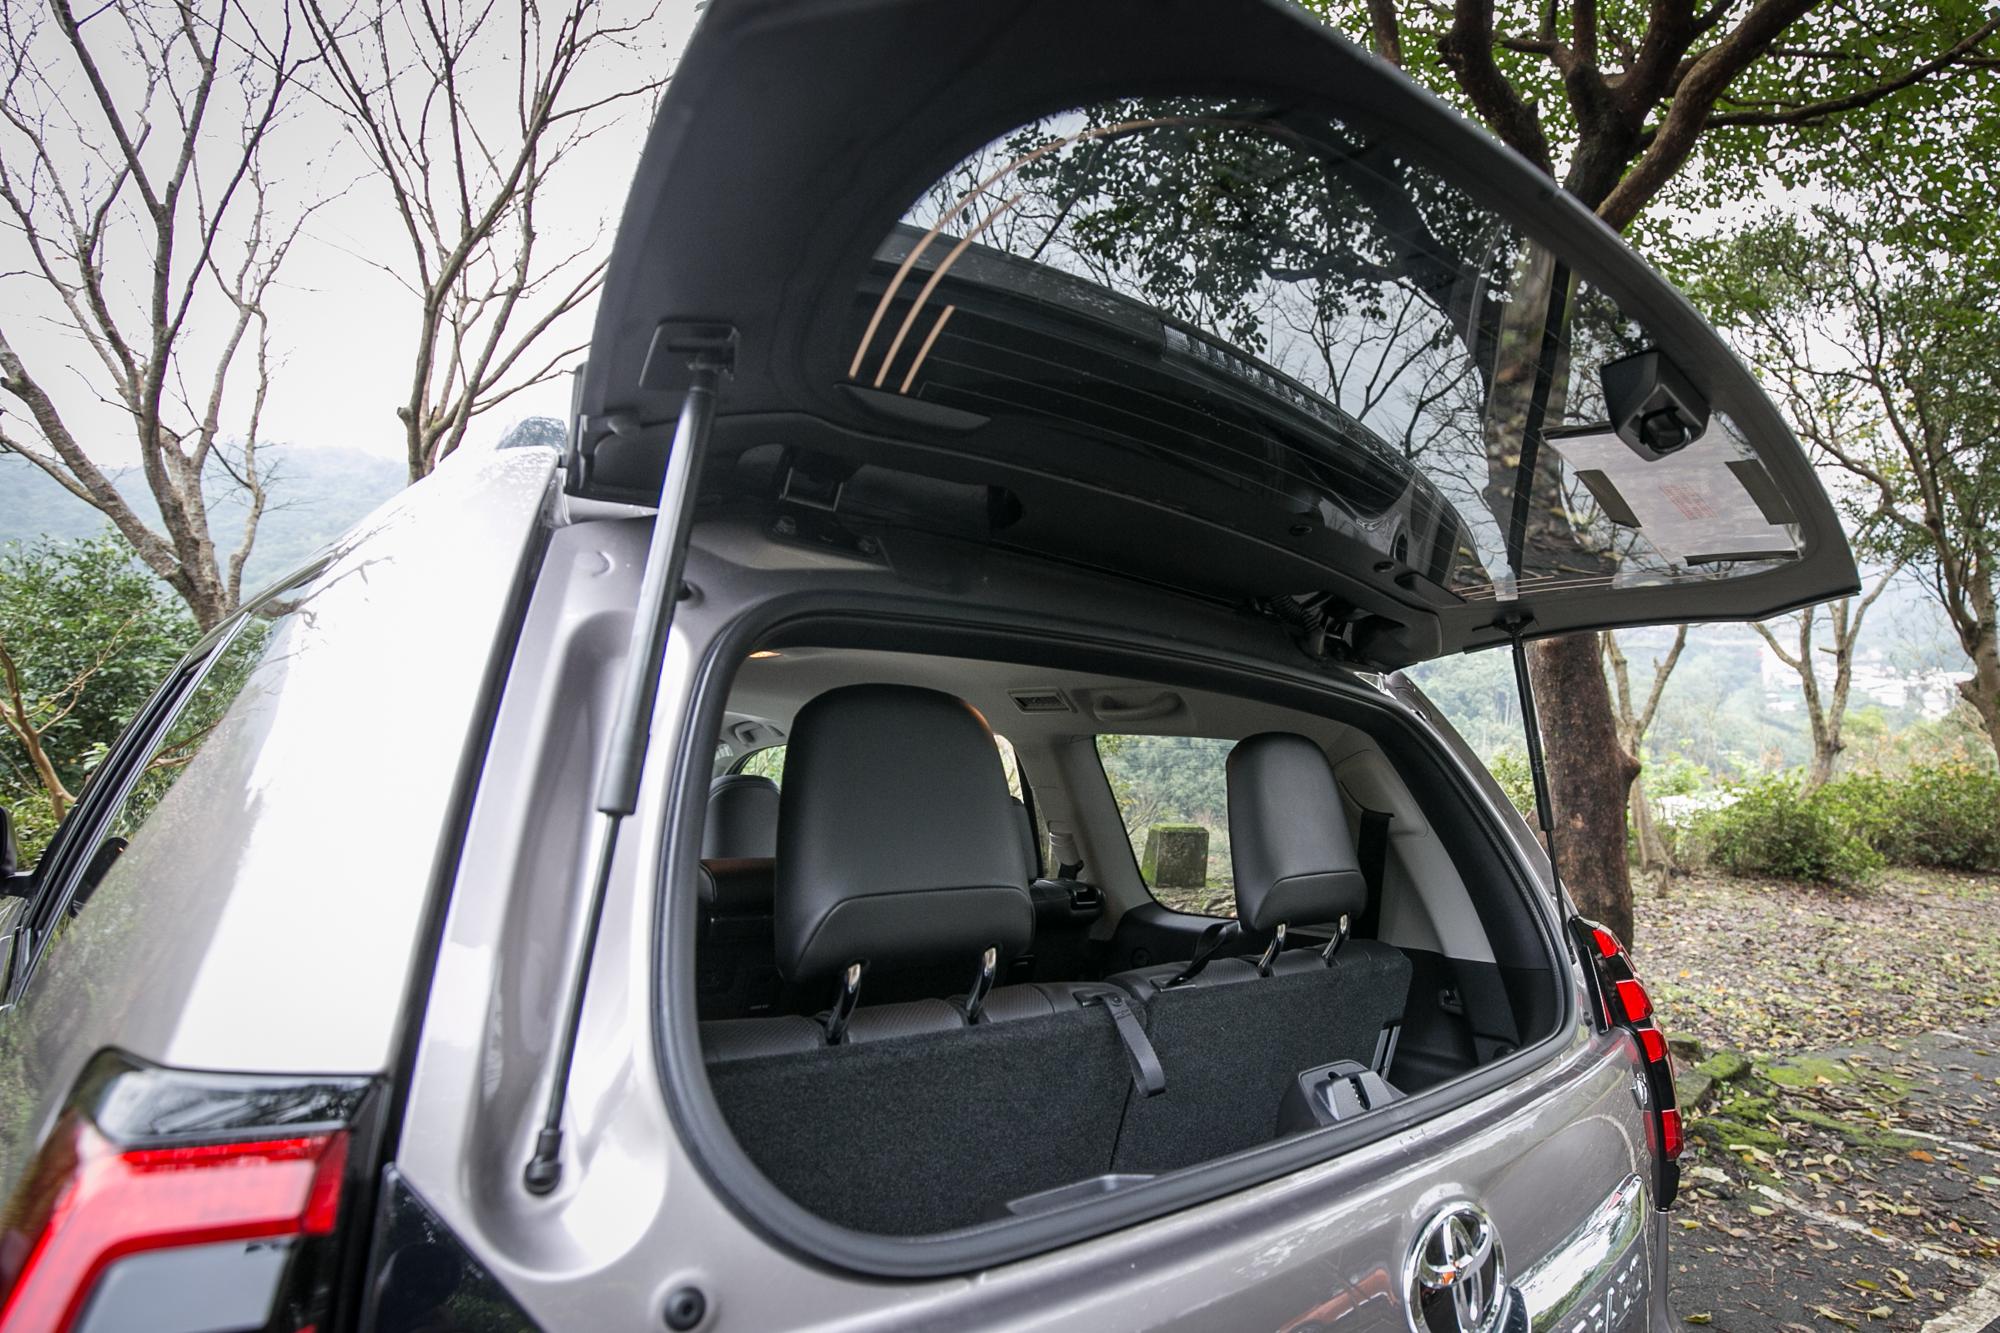 後擋風玻璃具備獨立開啟功能,便利小物取放。